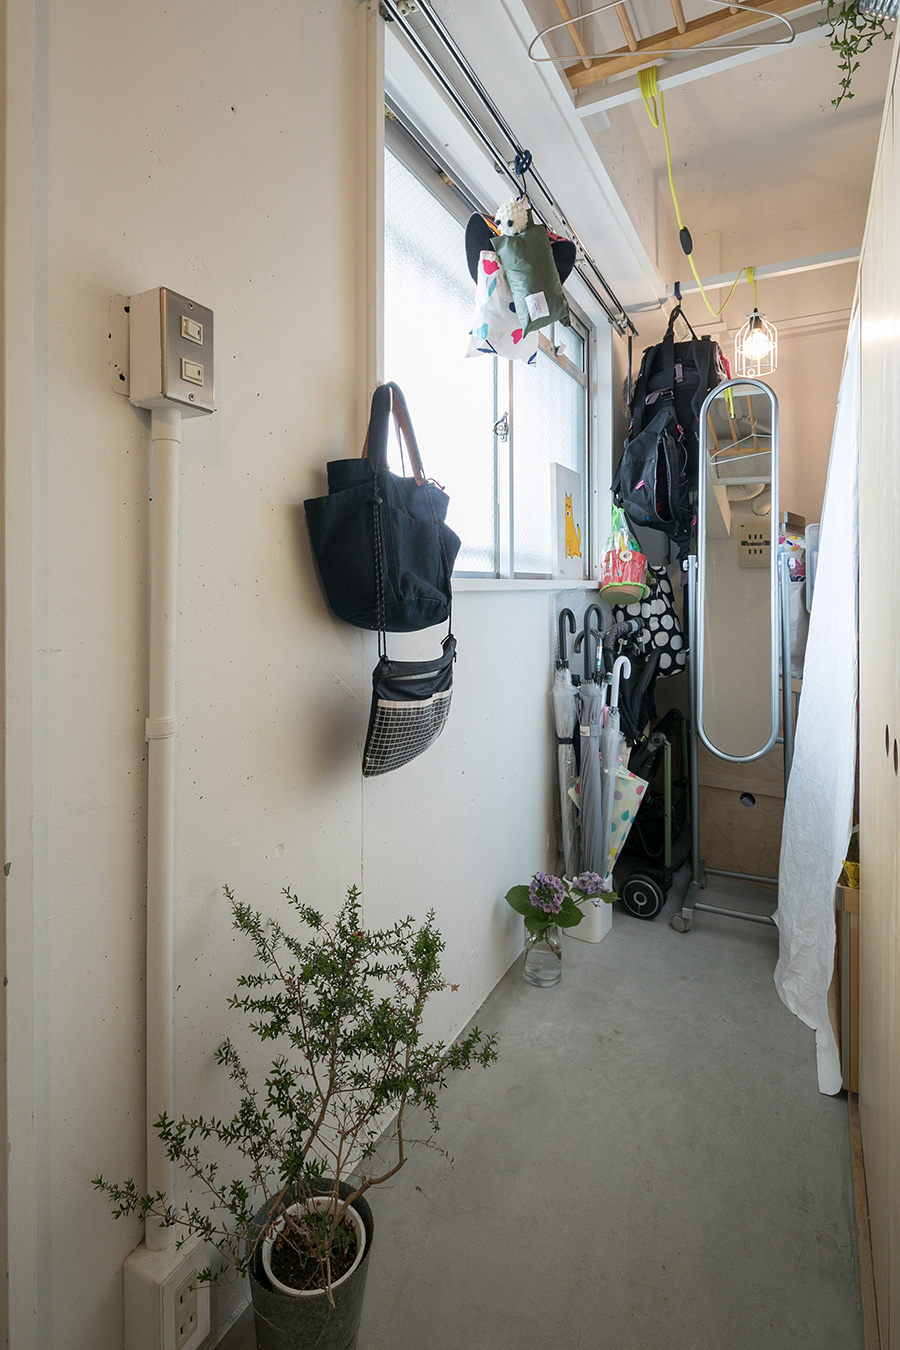 既存の居室の一部を玄関とつながる土間に。ともに登山が趣味の夫妻のアウトドアグッズを置いたり、濡れたレインコートを気にせず掛けておける。